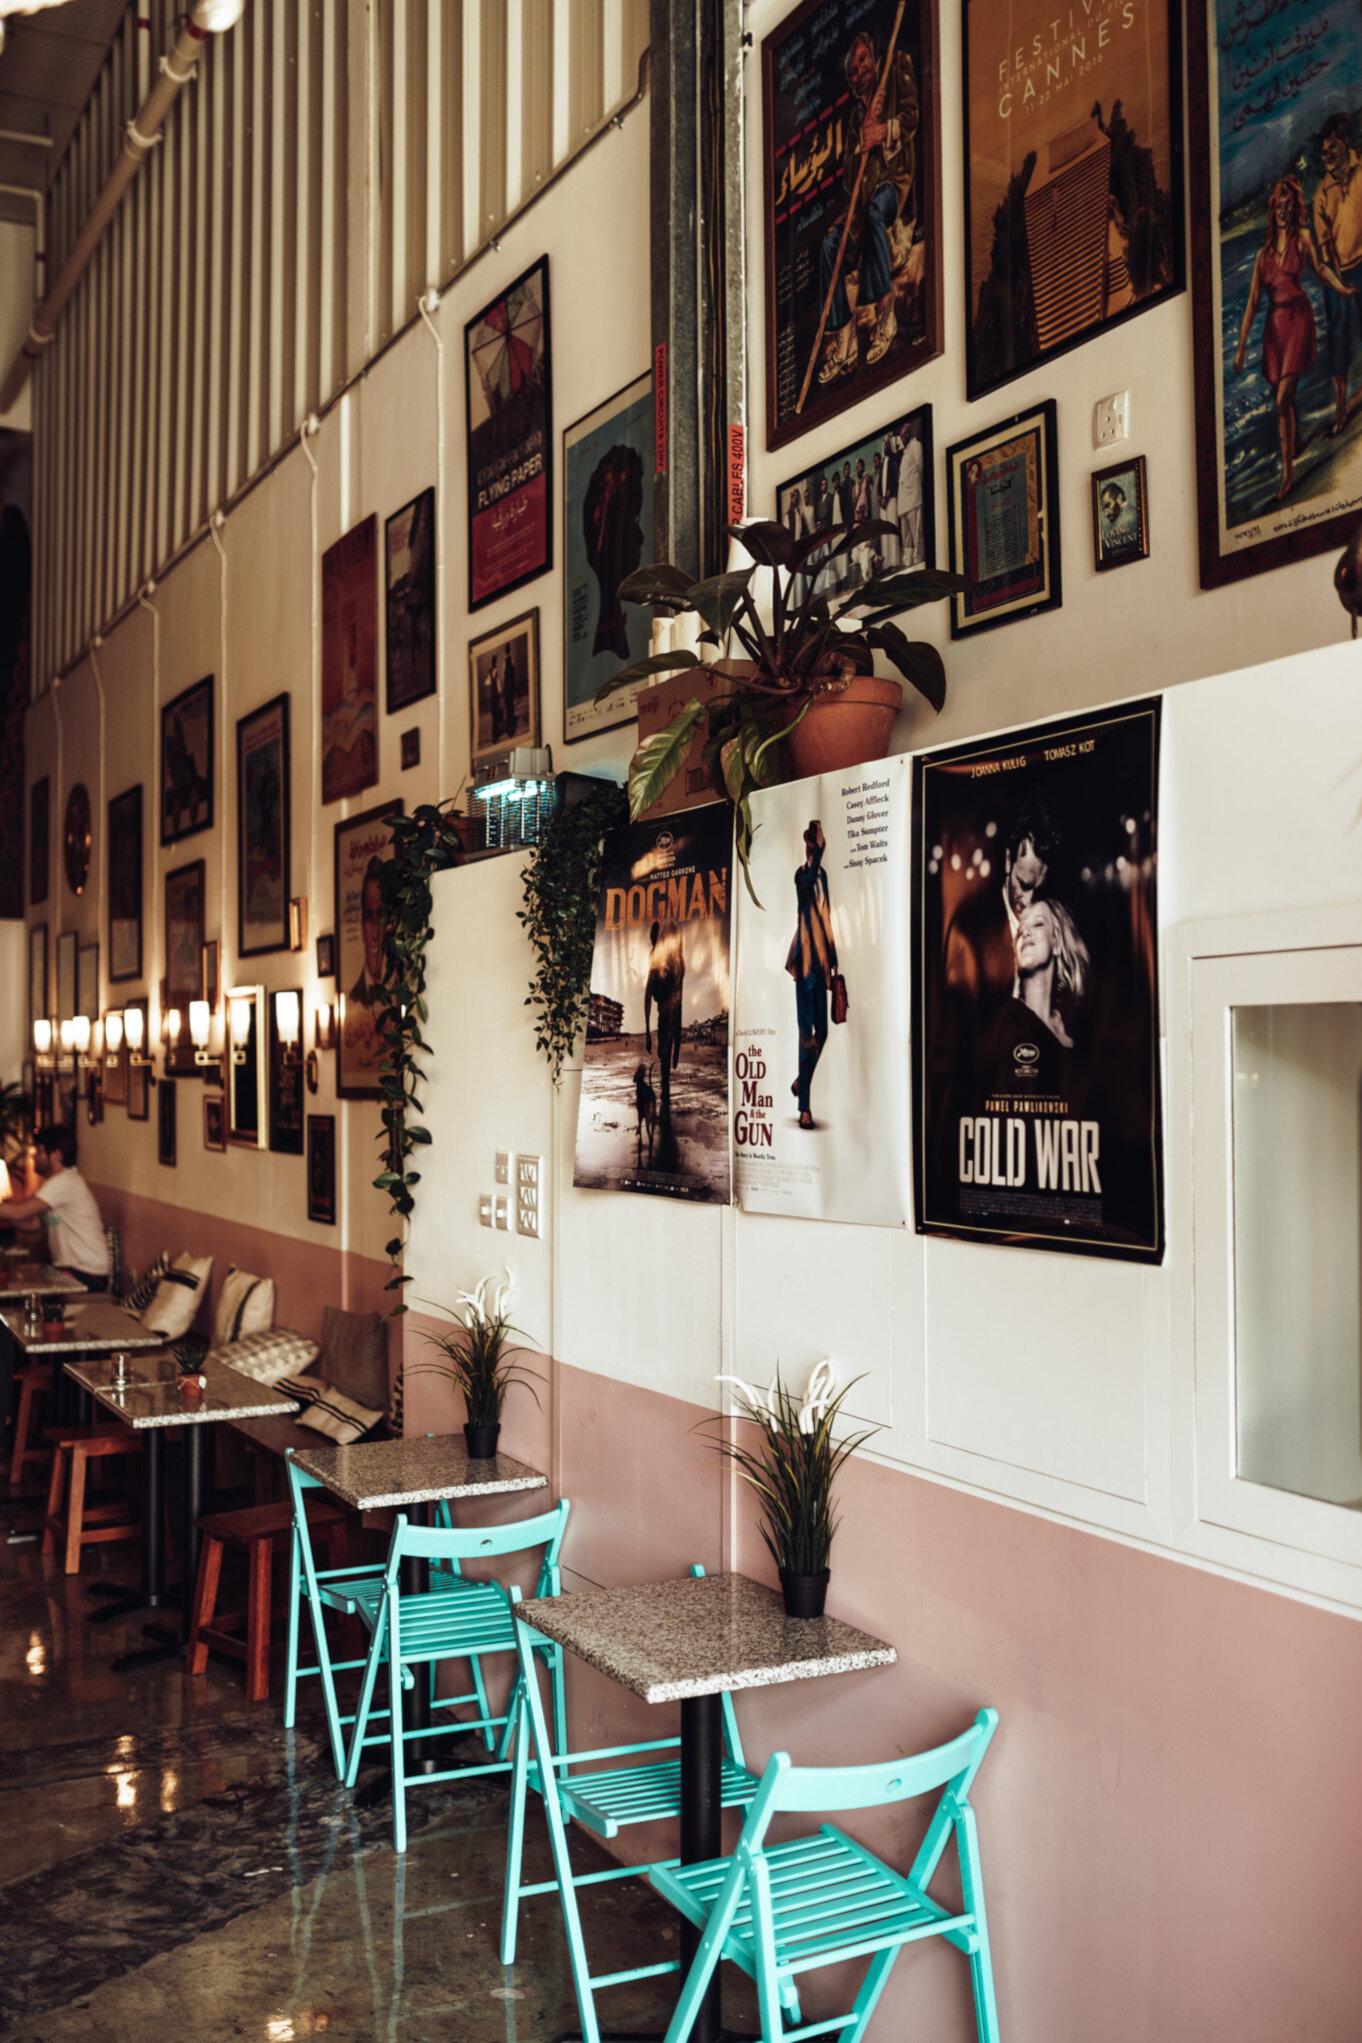 Wejście do kino-kawiarni w Dubaju